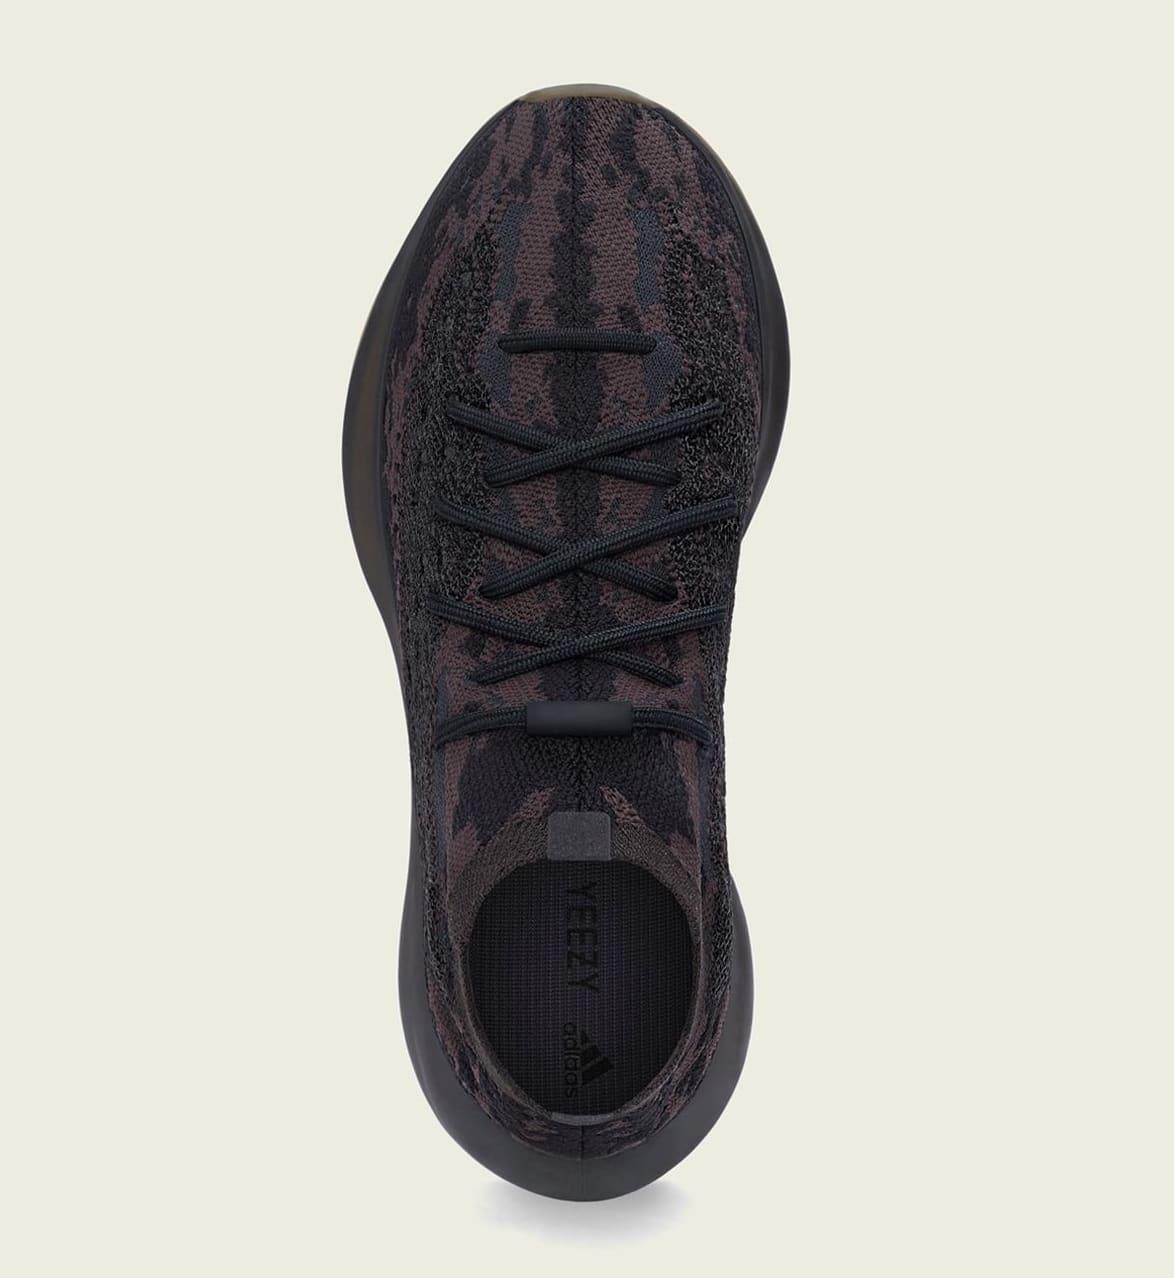 Adidas Yeezy Boost 380 'Onyx' FZ1270 Top